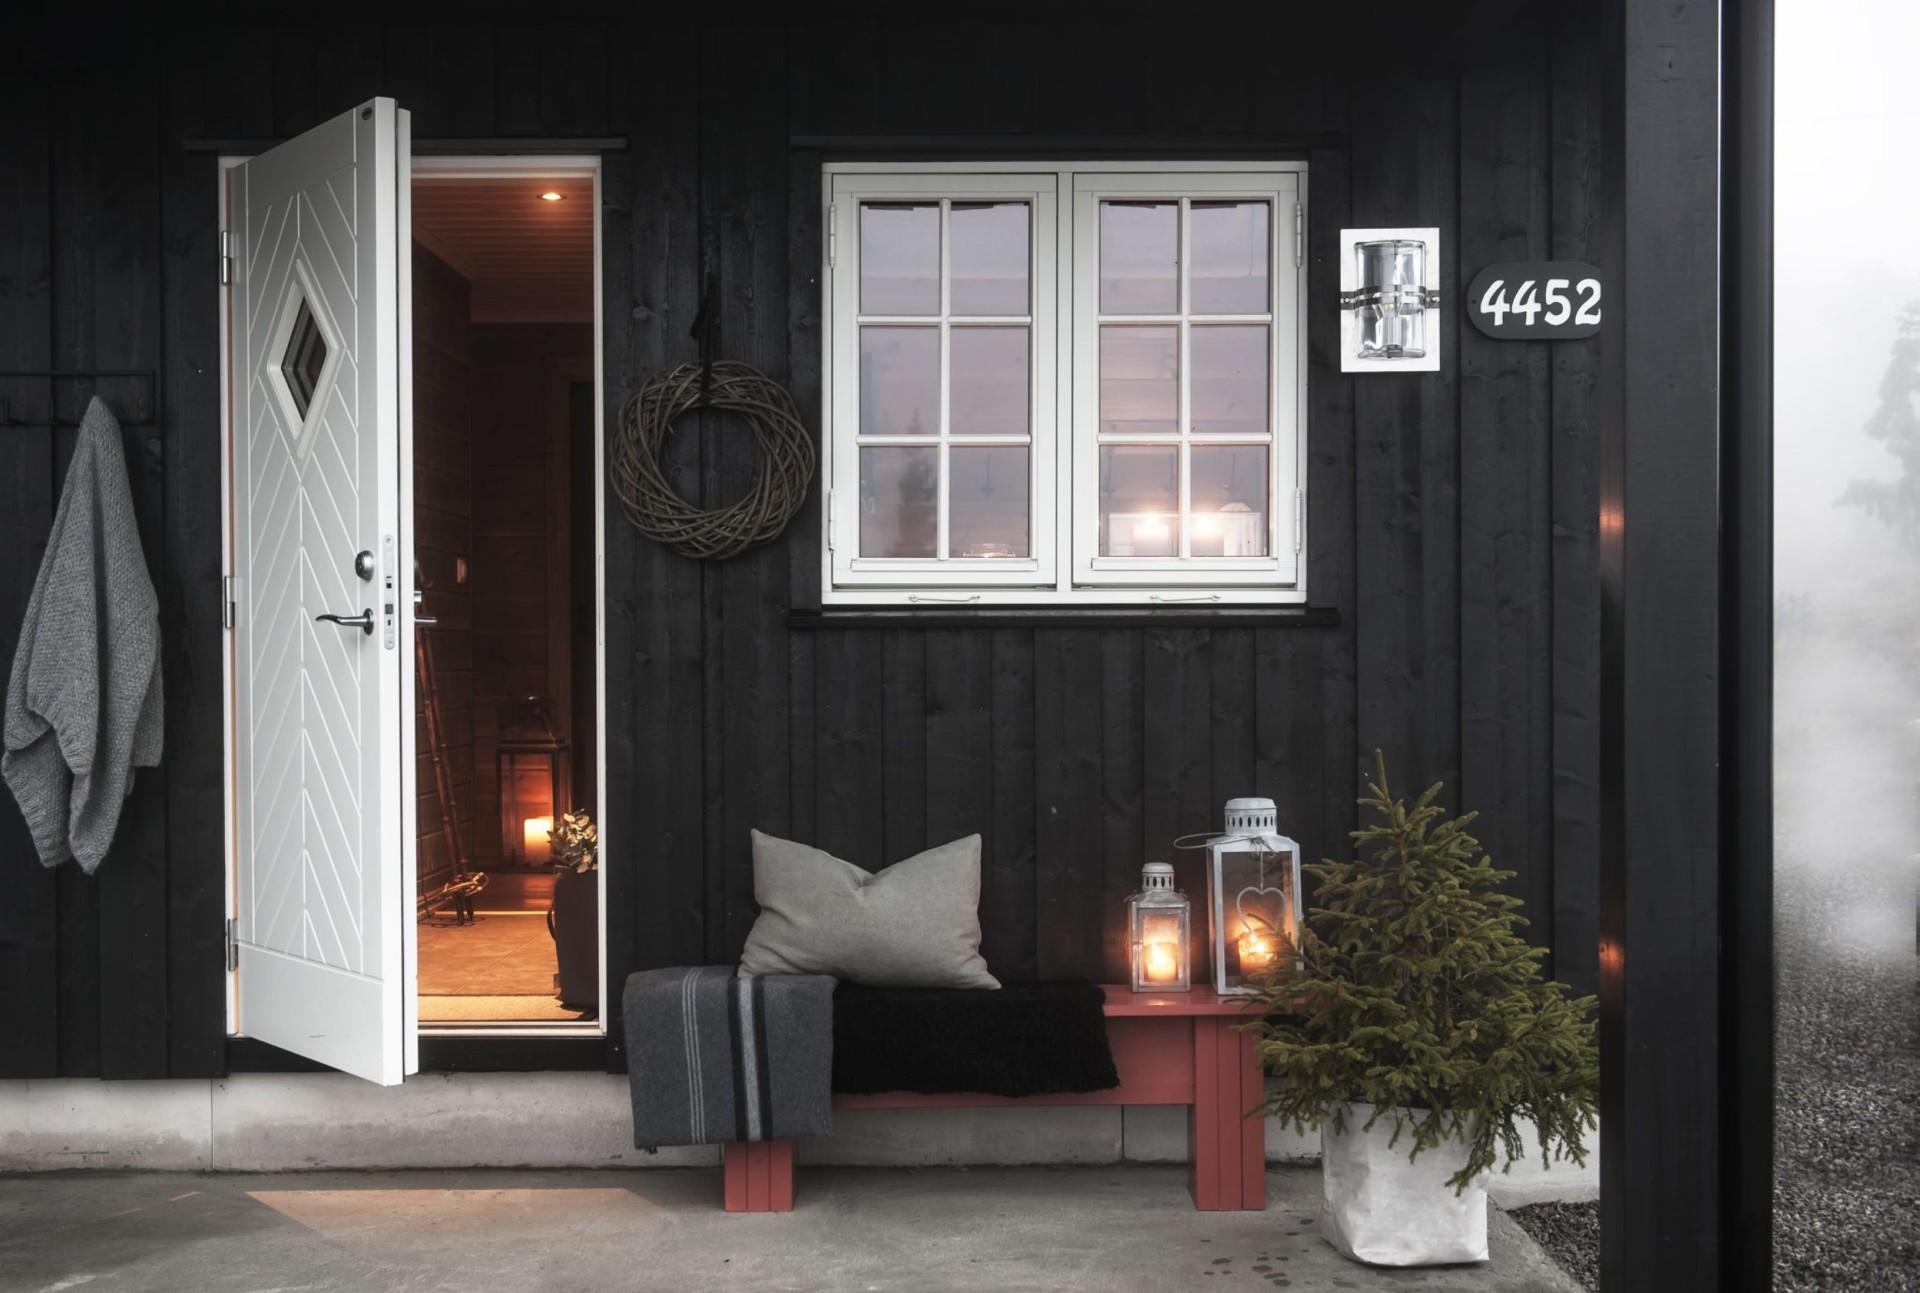 загородный дом окно терраса входная дверь